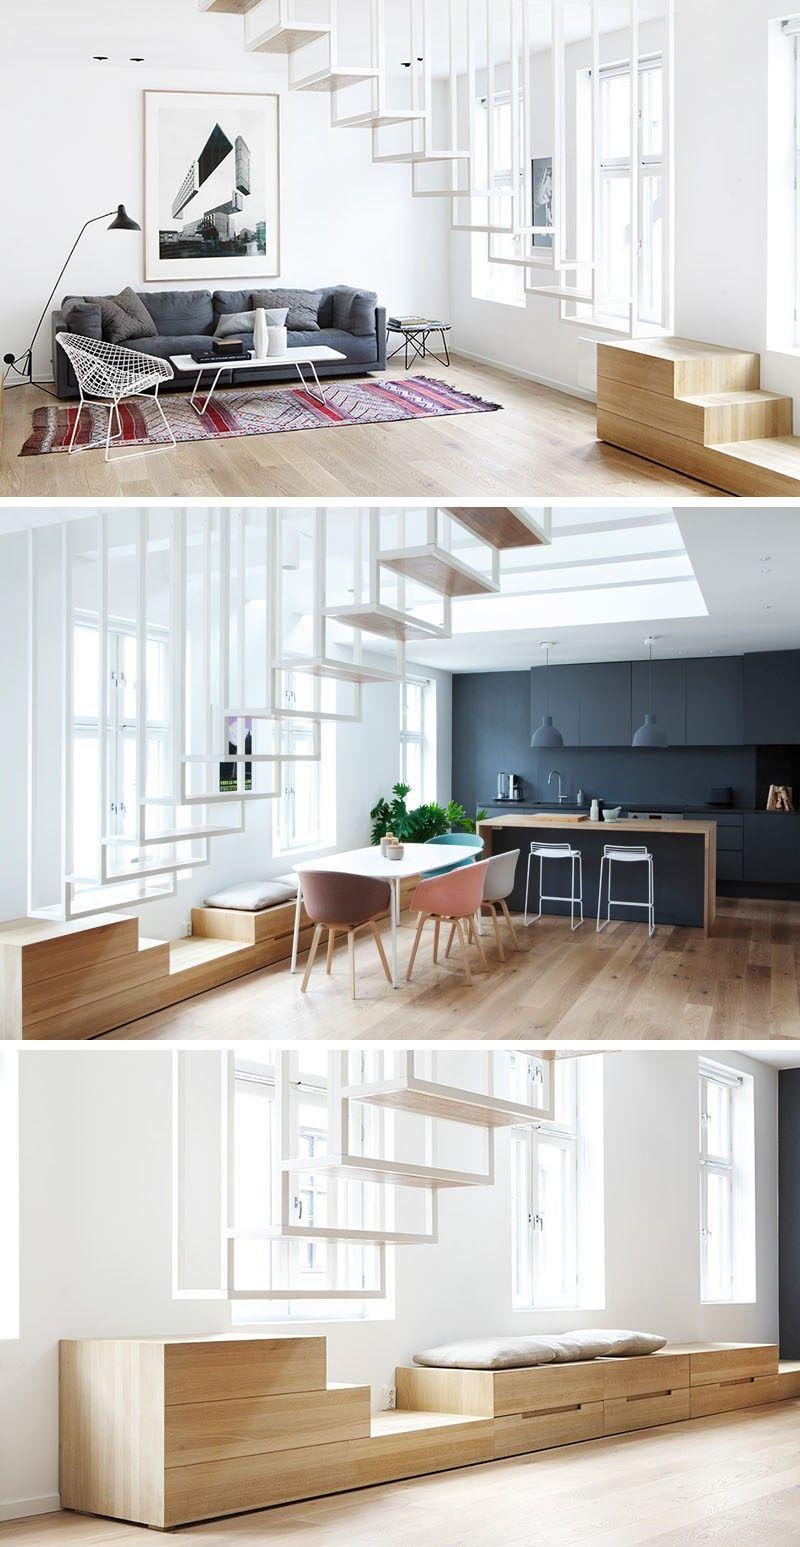 Wunderbar 13 Treppe Design Ideen Für Kleine Räume / / Dieser Schwimmenden Treppen  Halten Den Fluss Der